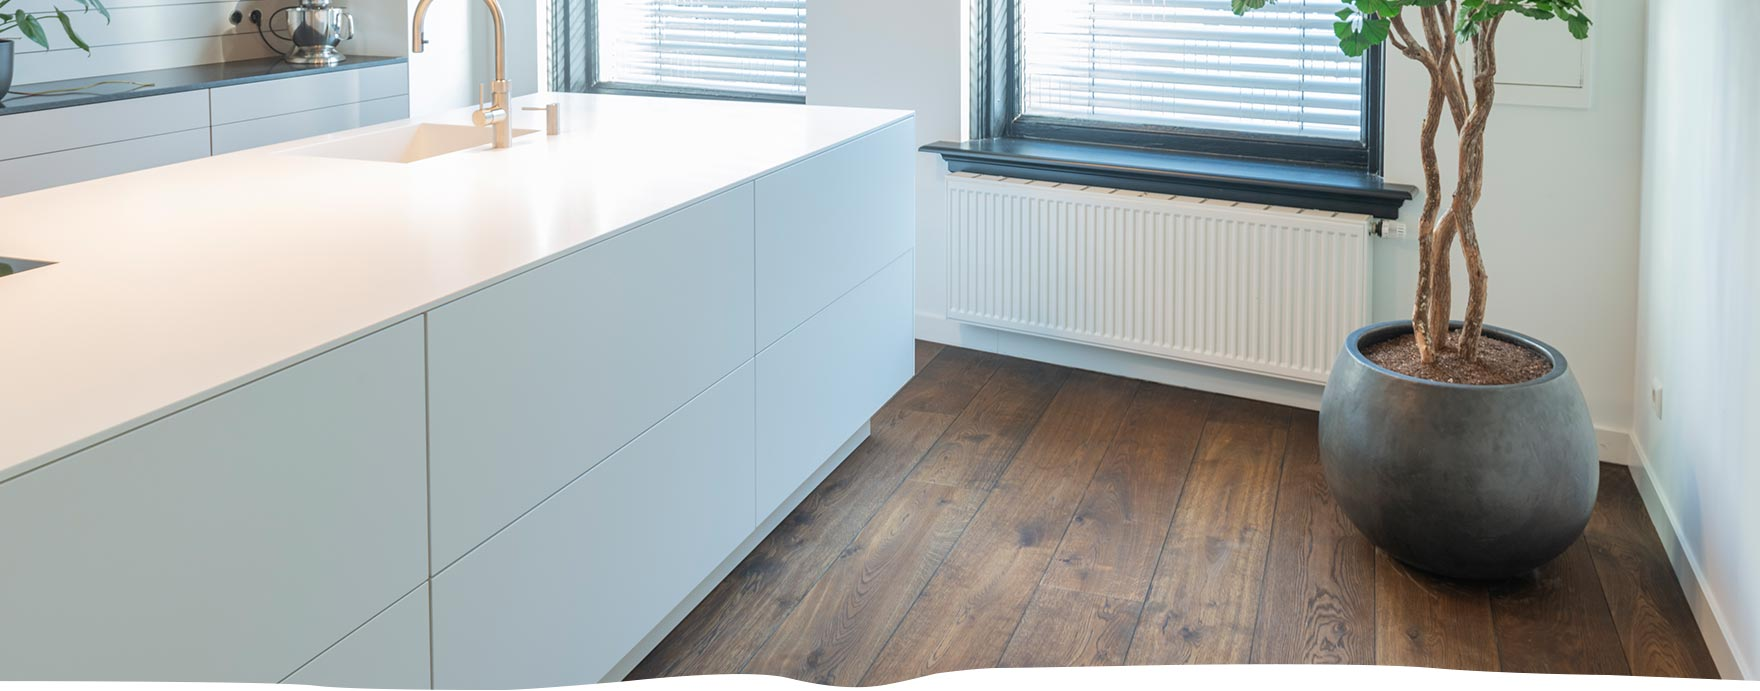 Duoplank vloer - De Hout Snip